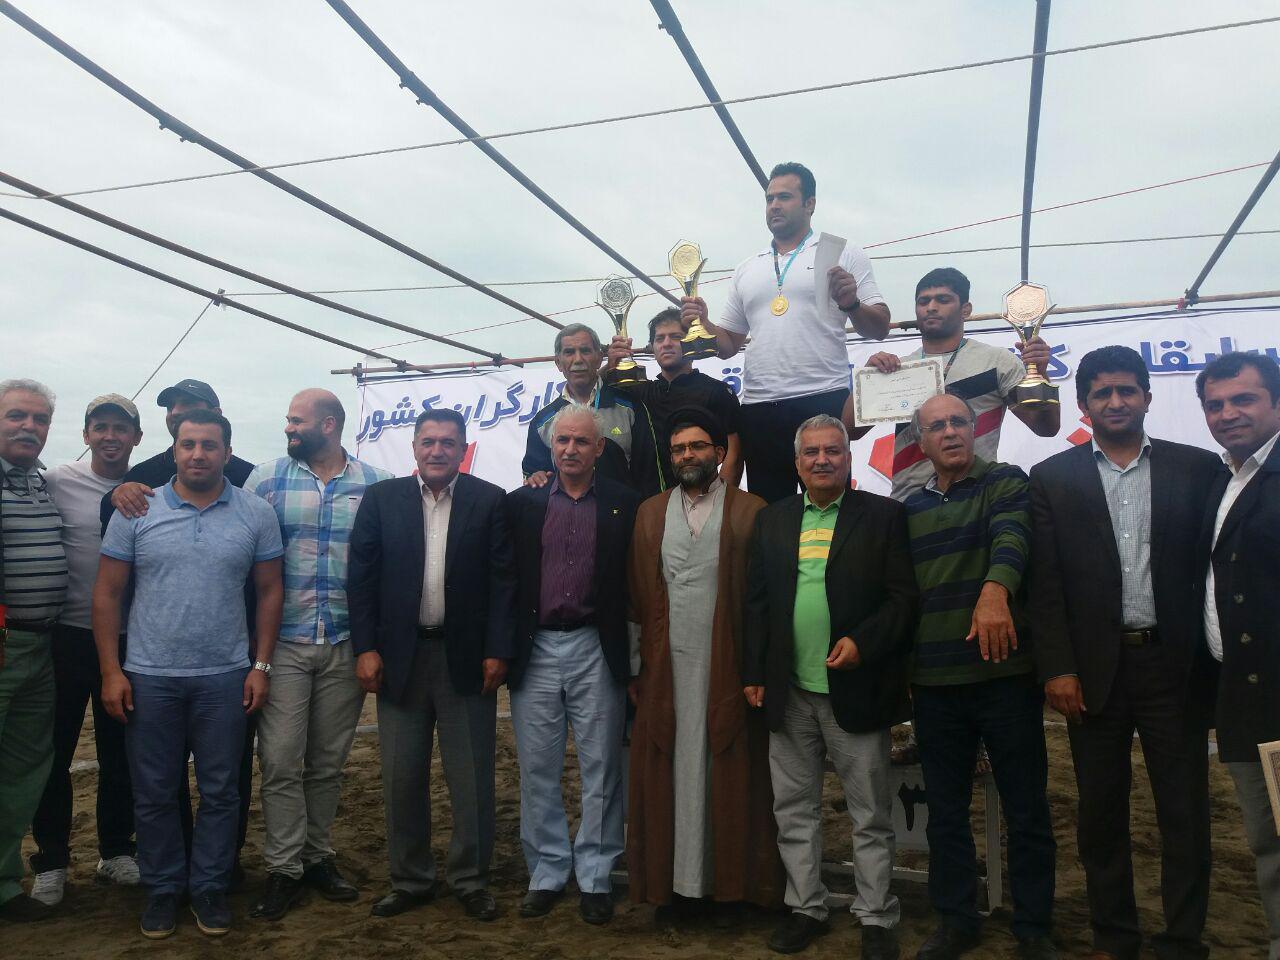 قهرمانی شهرداری تهران در اولین دوره مسابقات کشتی ساحلی کارگران